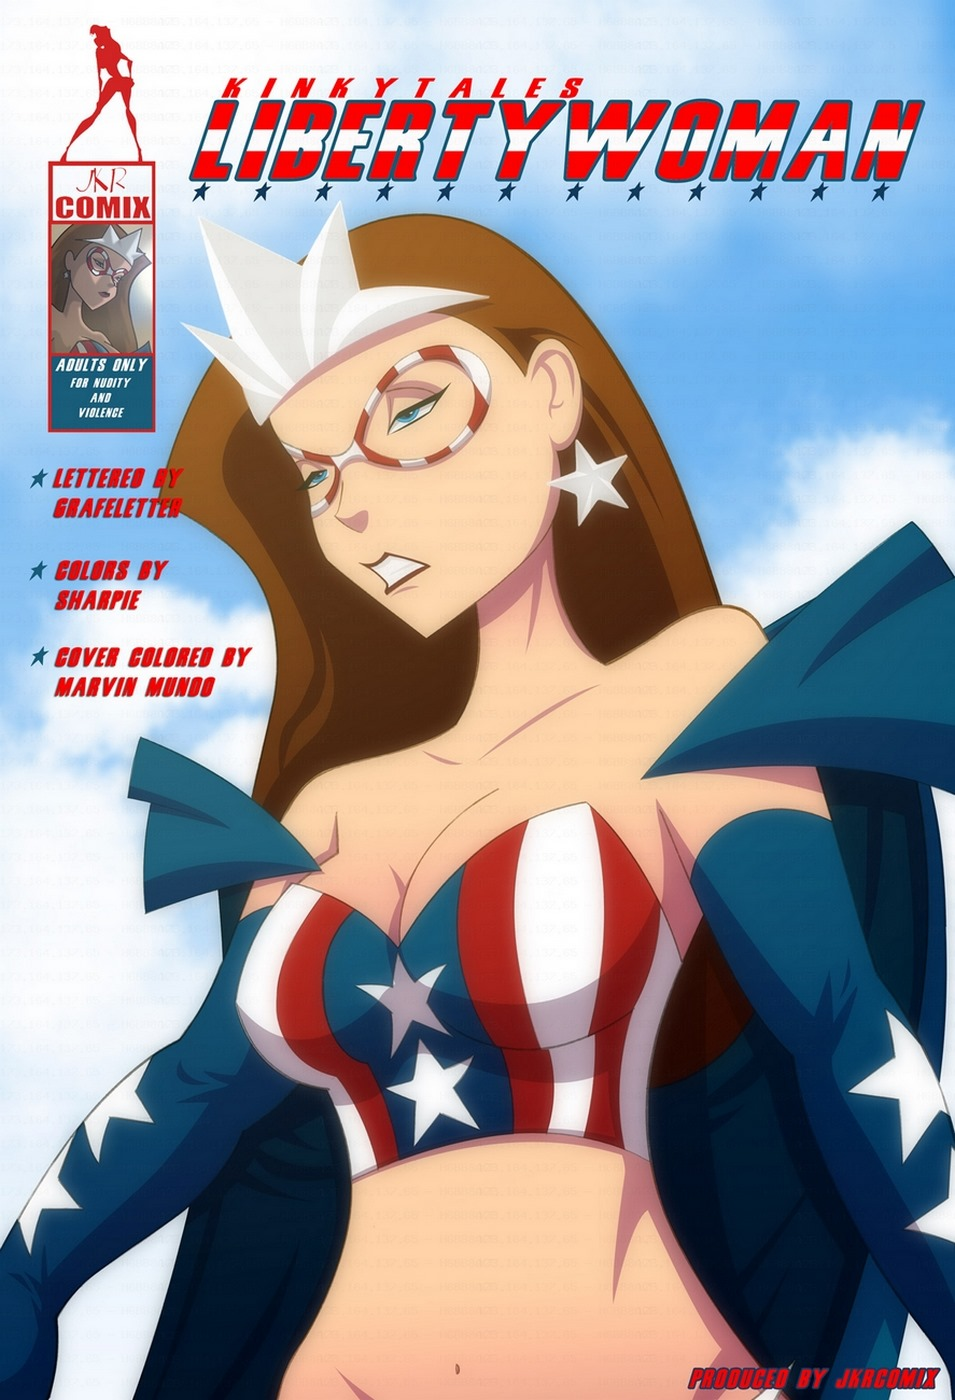 Porn Comics - Liberty Woman porn comics 8 muses